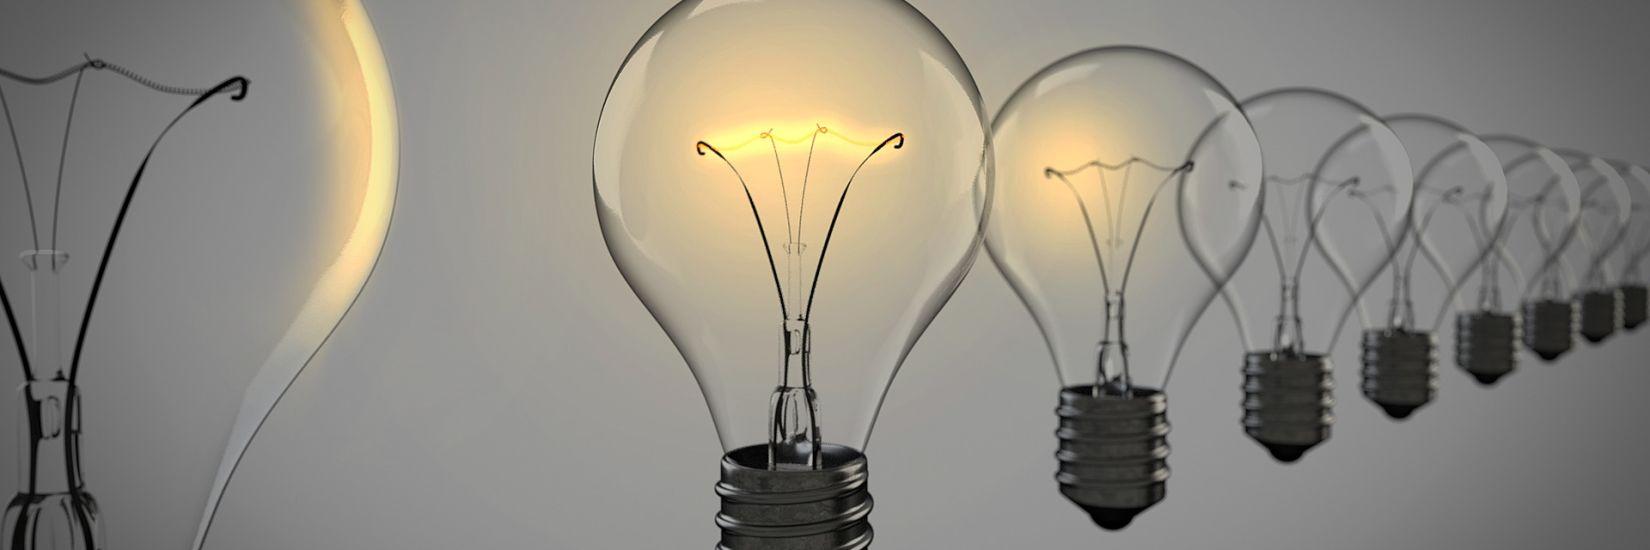 light-bulbs-1875384 1920